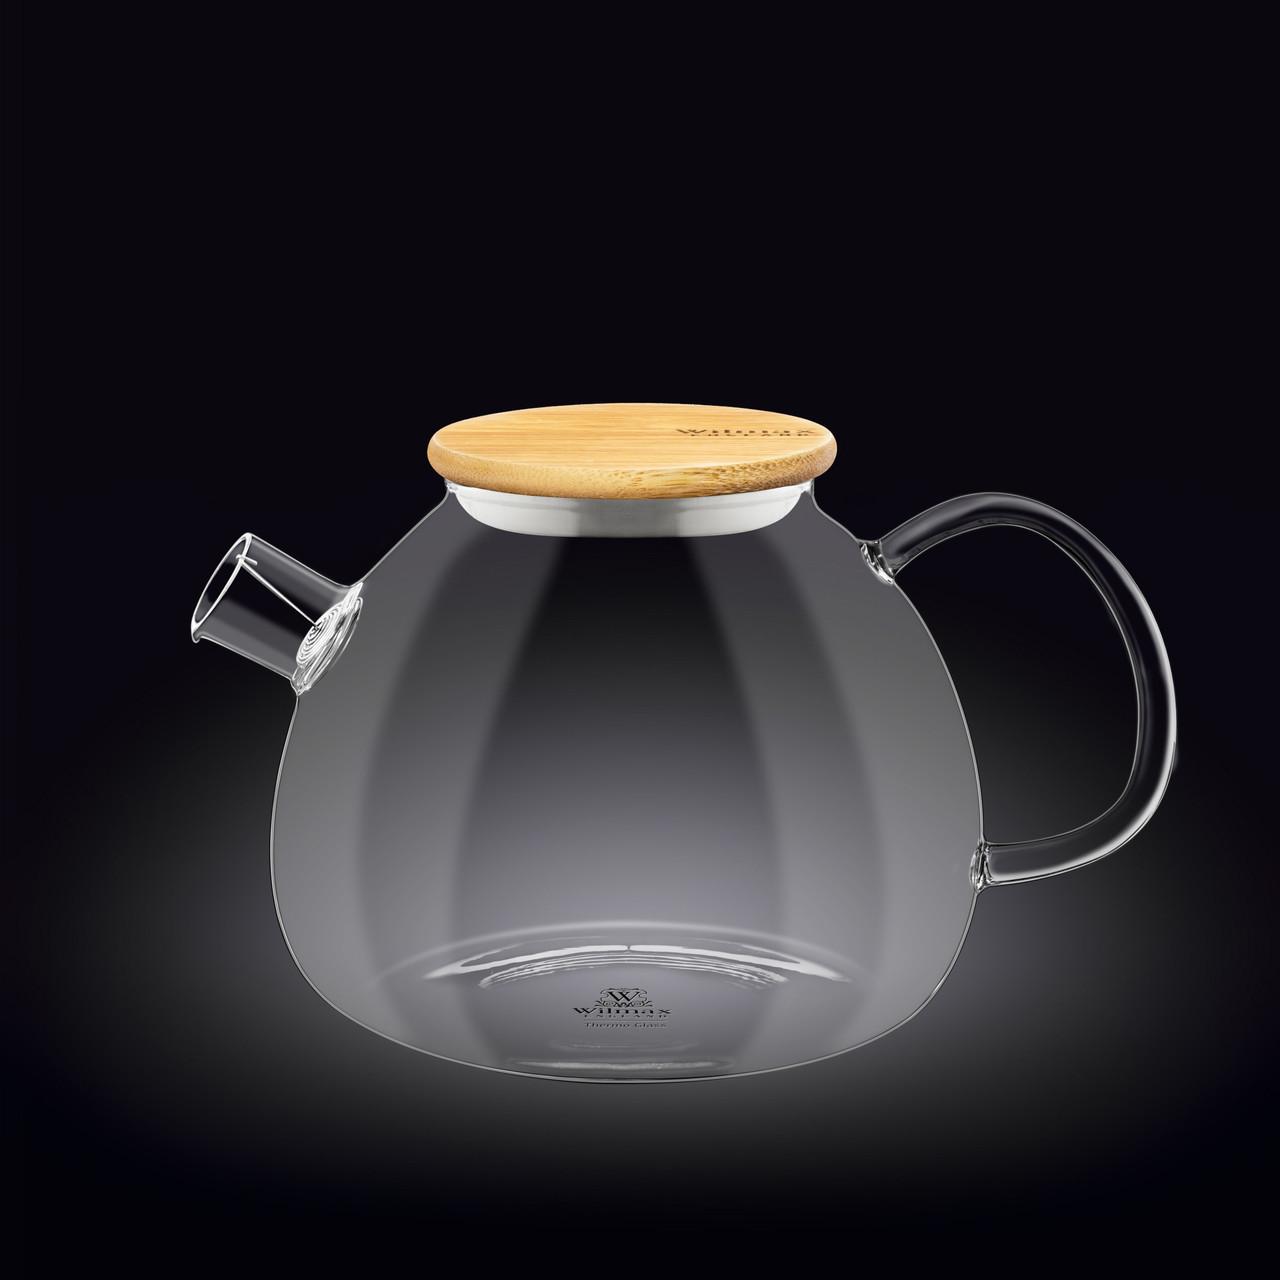 Заварювальний чайник з фільтром Wilmax Thermo 1200мл WL-888824